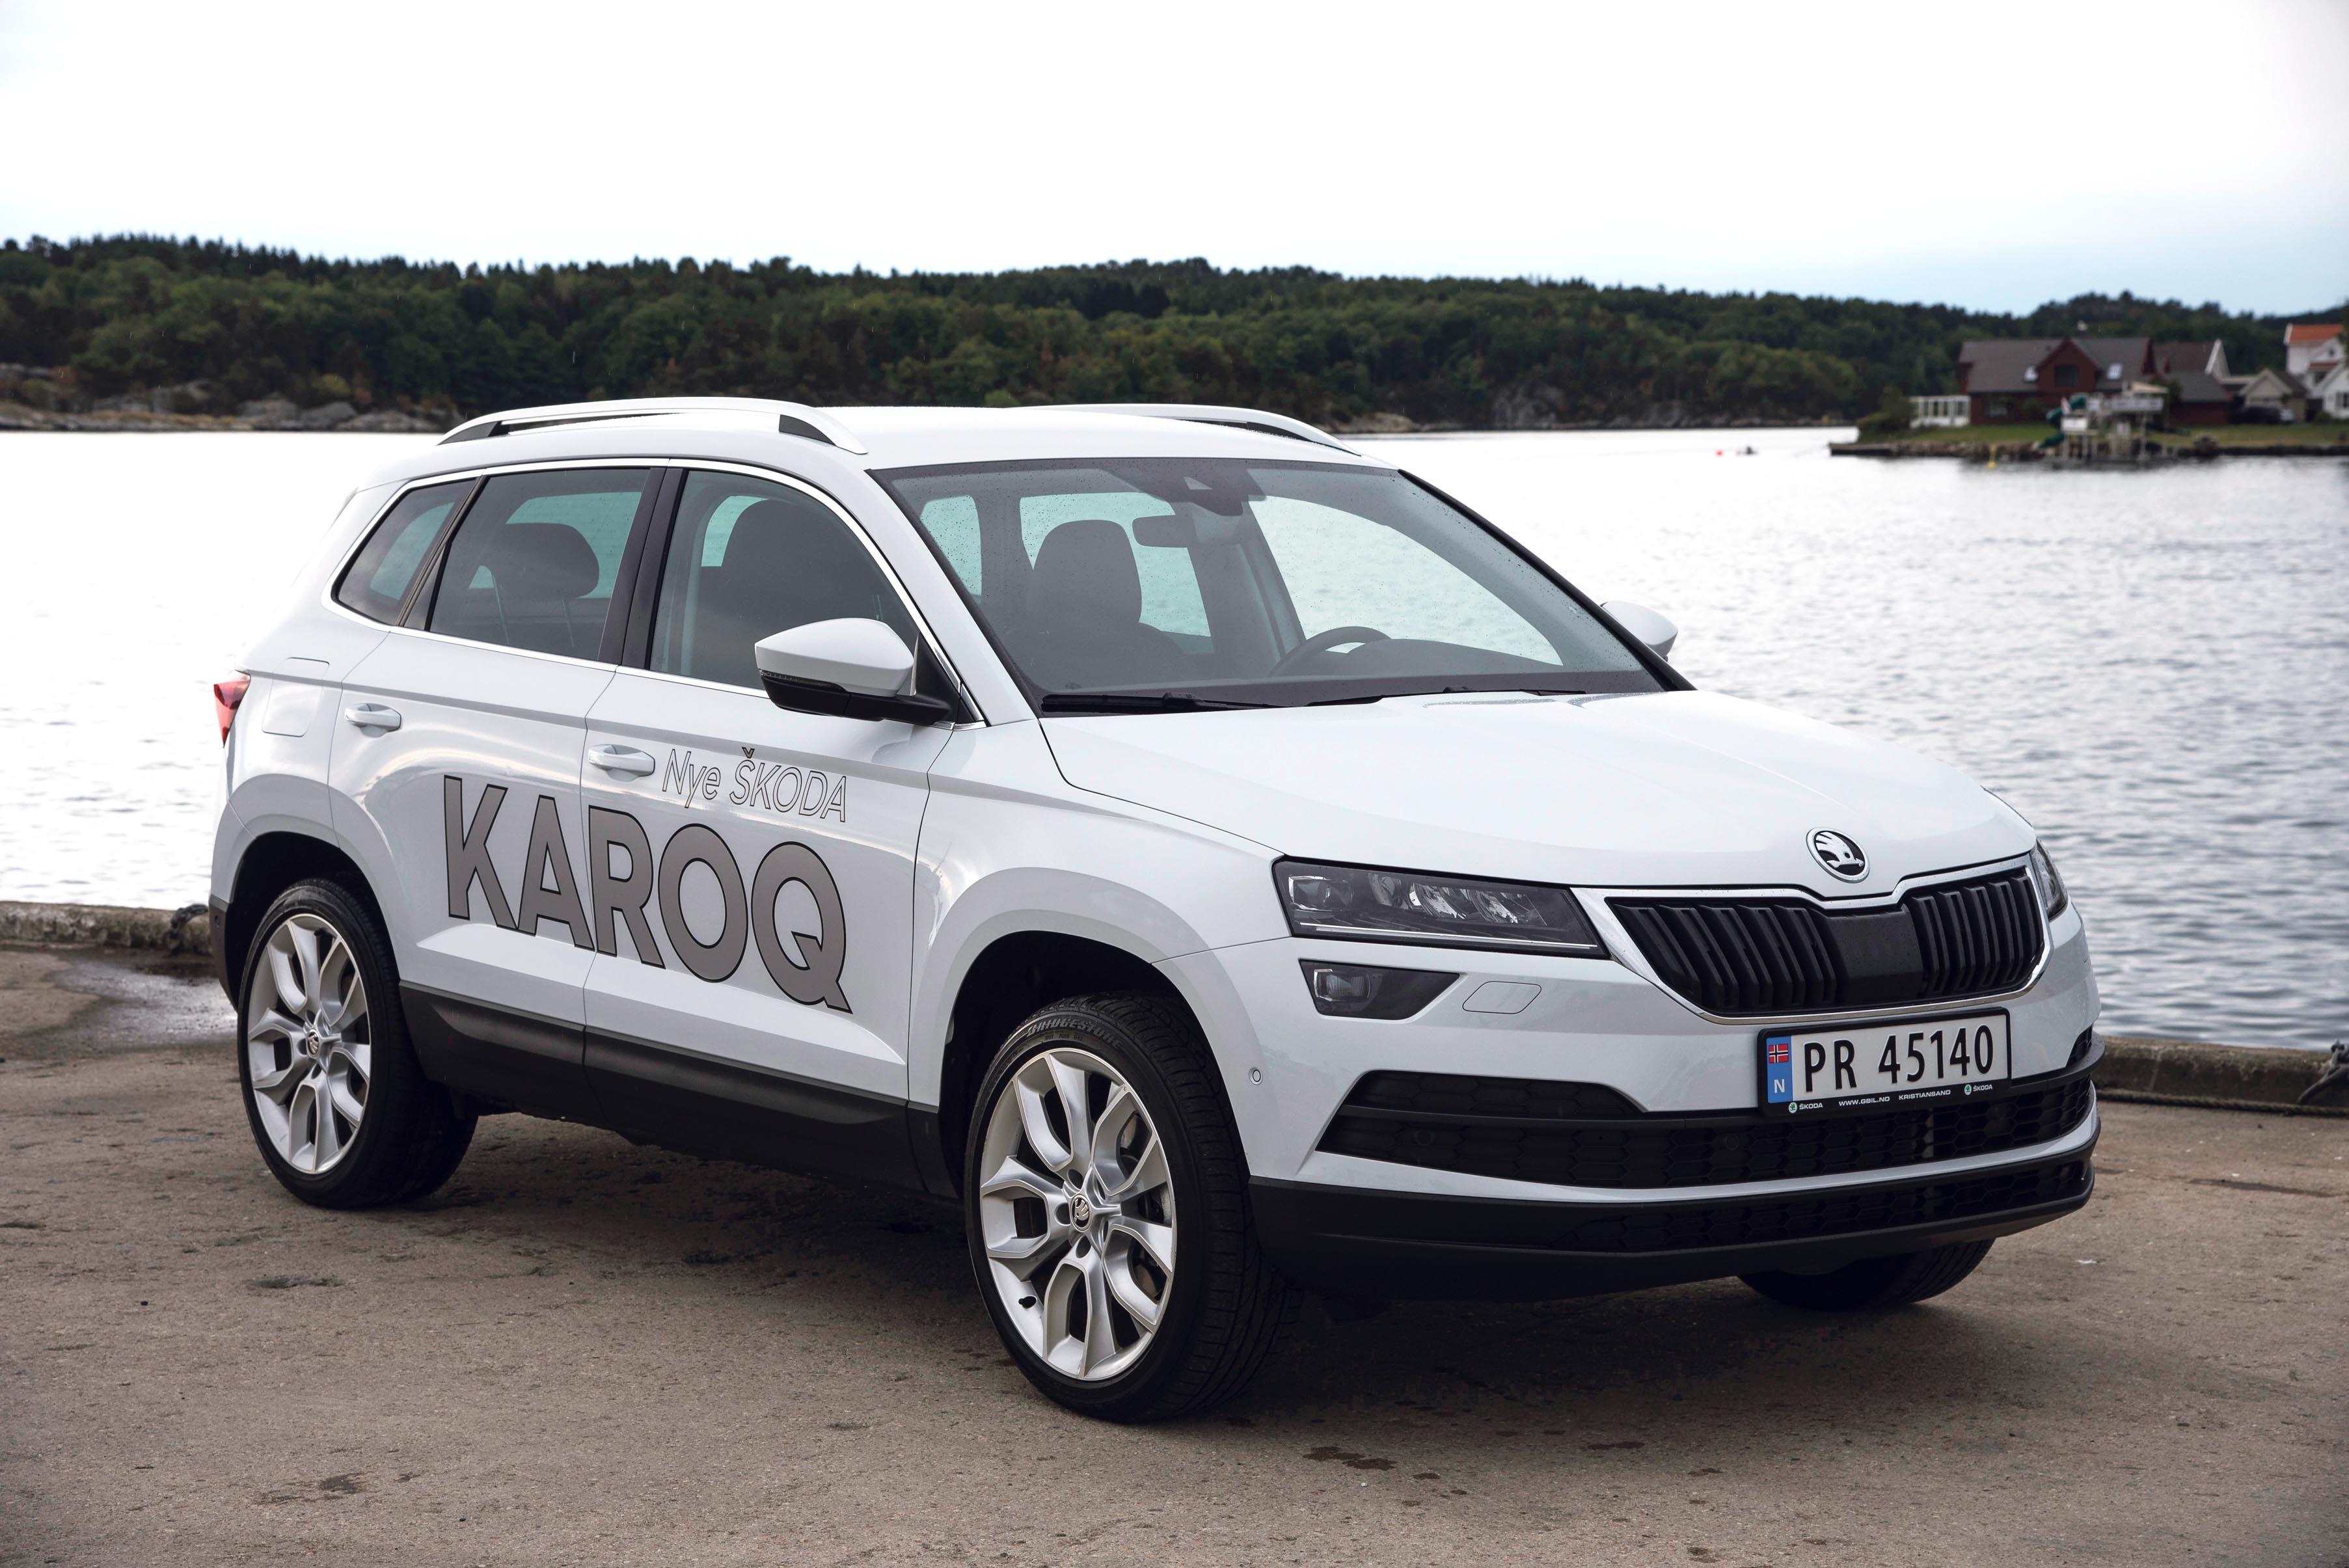 KOMPAKT: Karoq Fyller Gapet Mellom VW T-Roc Og VW Tiguan I Størrelse. Samtidig Er Den Et Alternativ Til De Som Synes Skoda Kodiaq Blir I Største Laget.